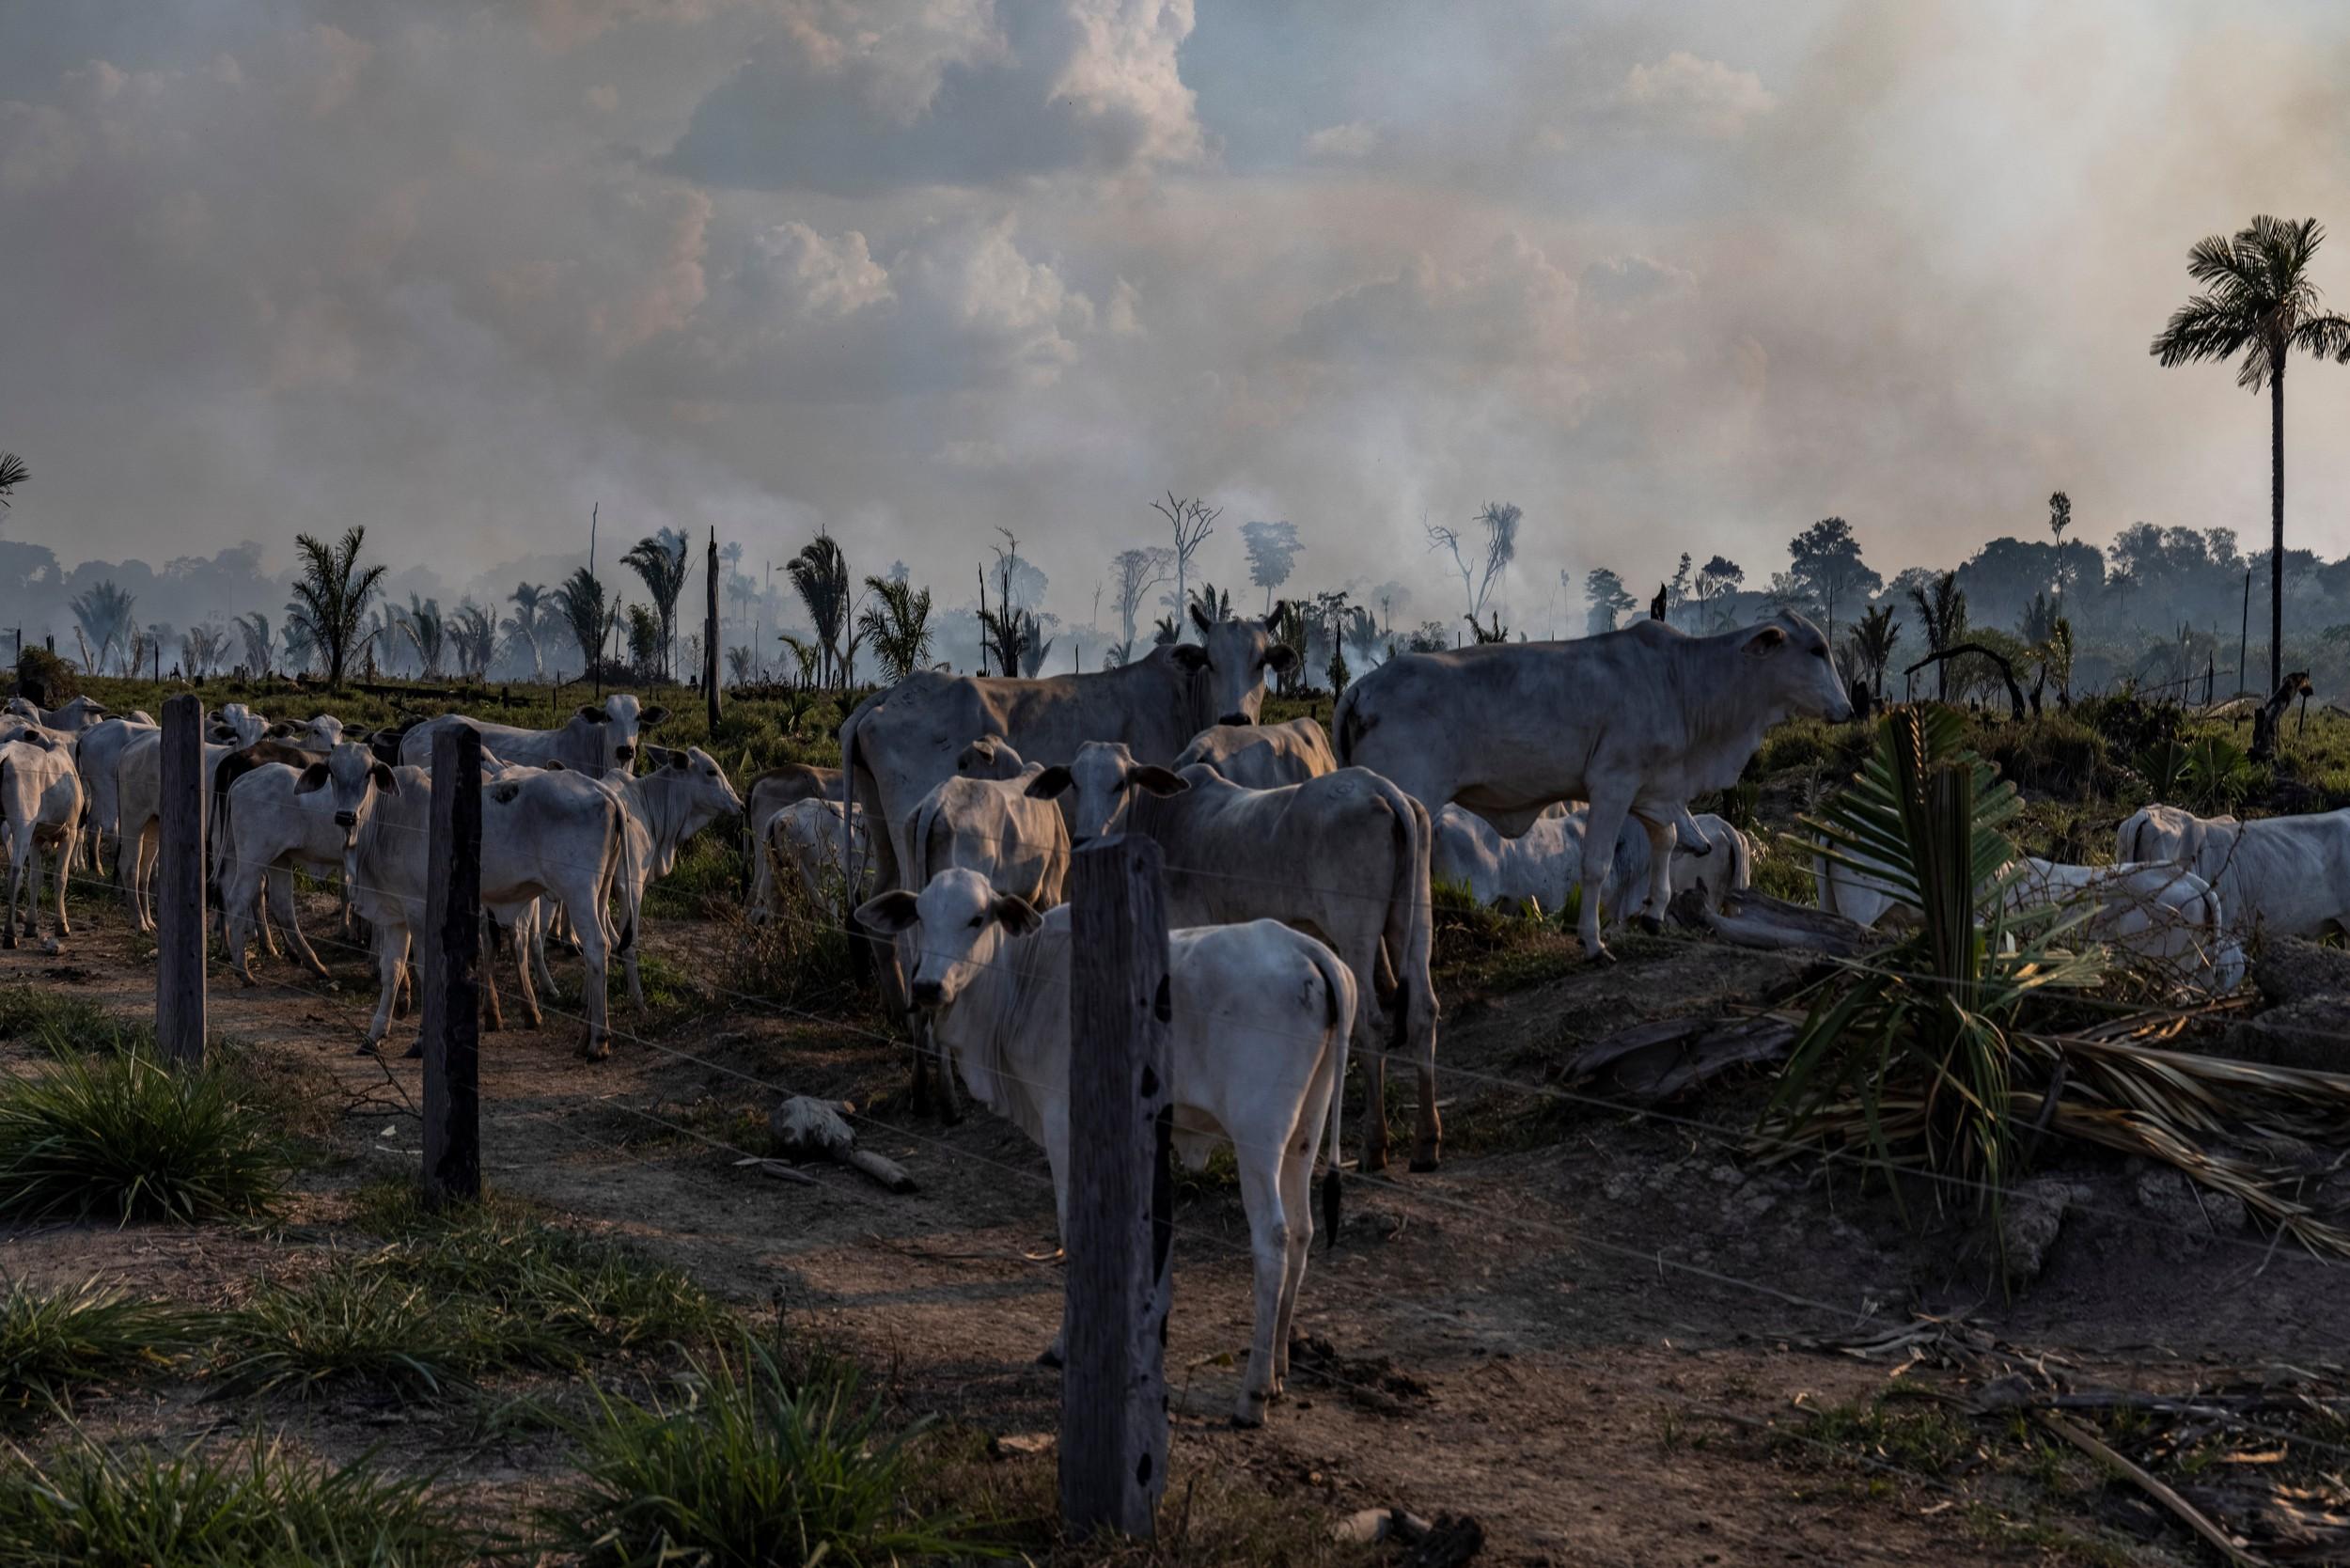 Gado em pastagem, ao lado de área desmatada e recém queimada, em Candeias do Jamari, Rondônia. (Foto: Victor Moriyama / Amazônia em Chamas)